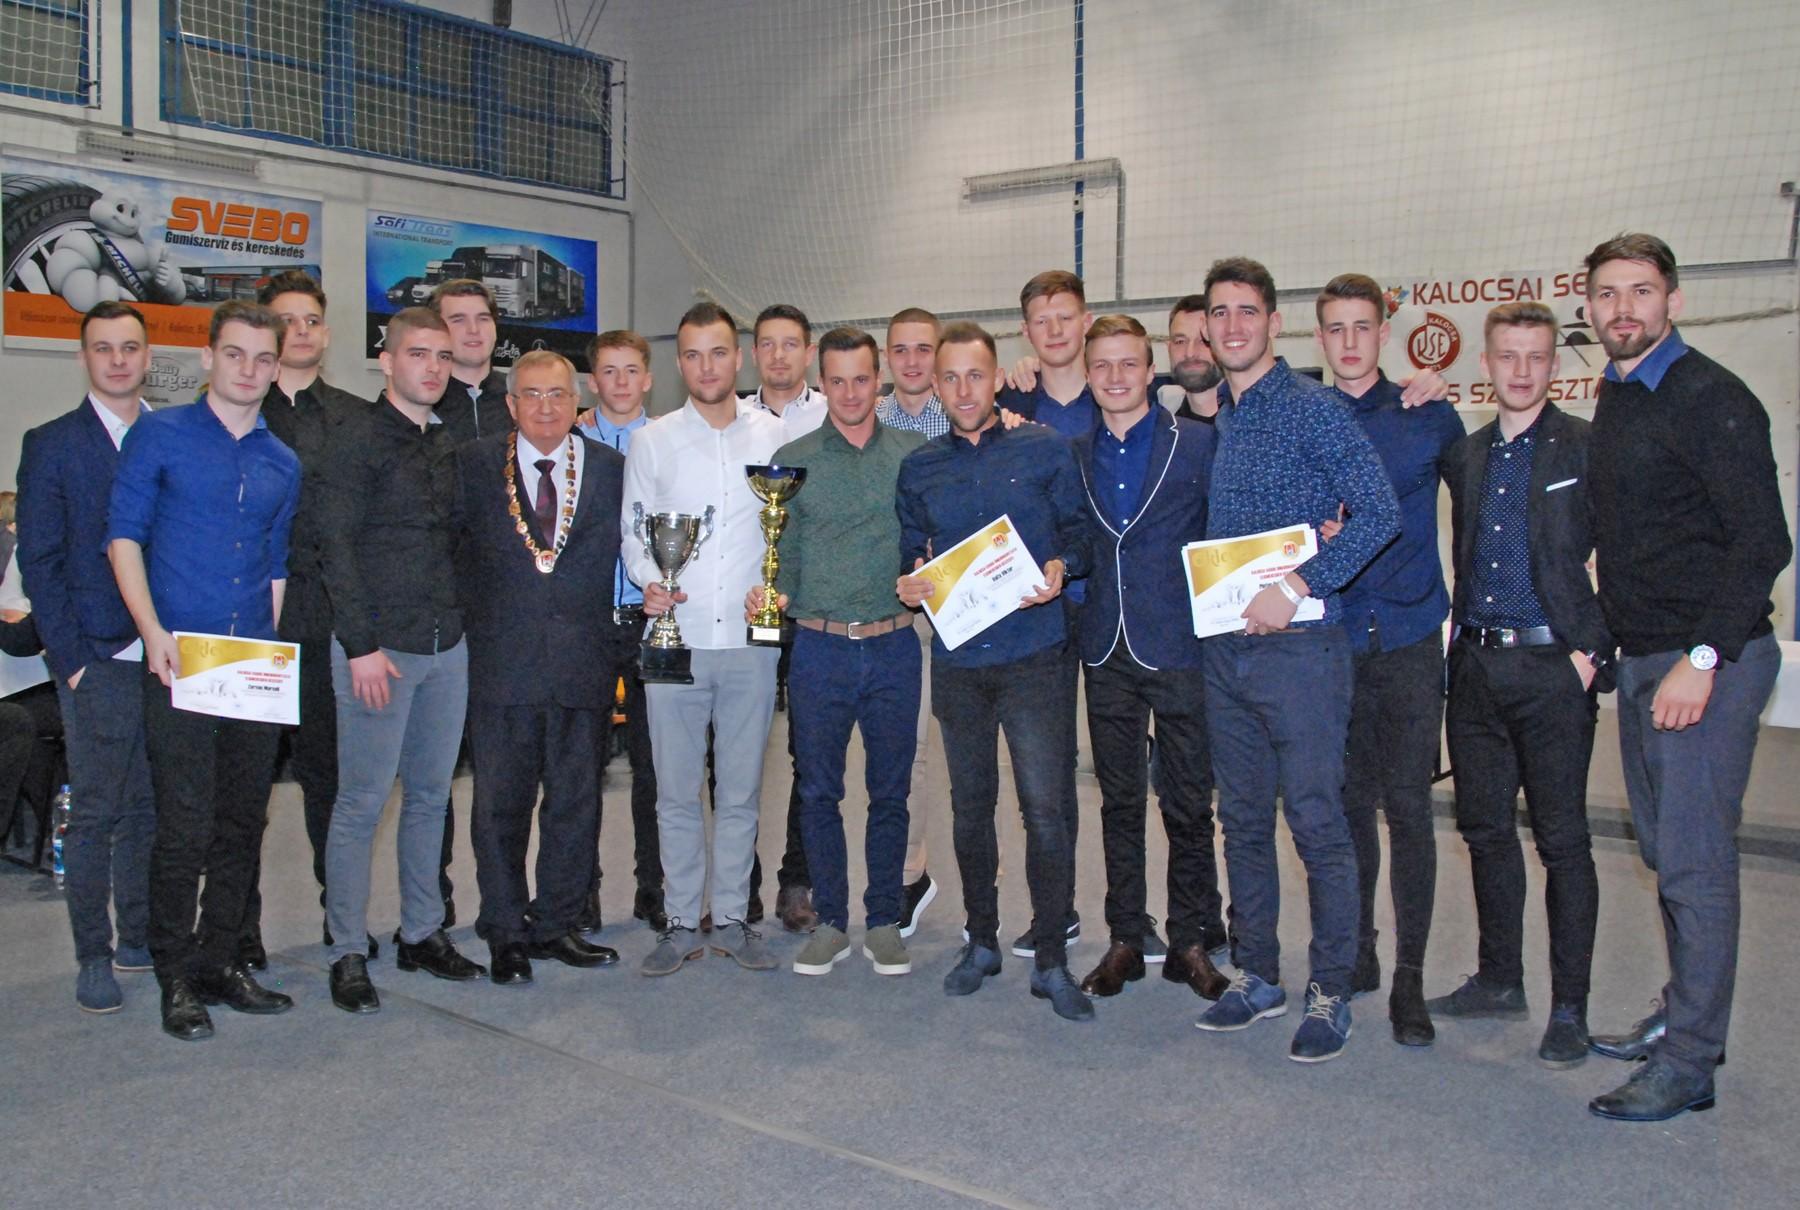 Több mint 250-en kaptak elismerést a kalocsai sportbálon